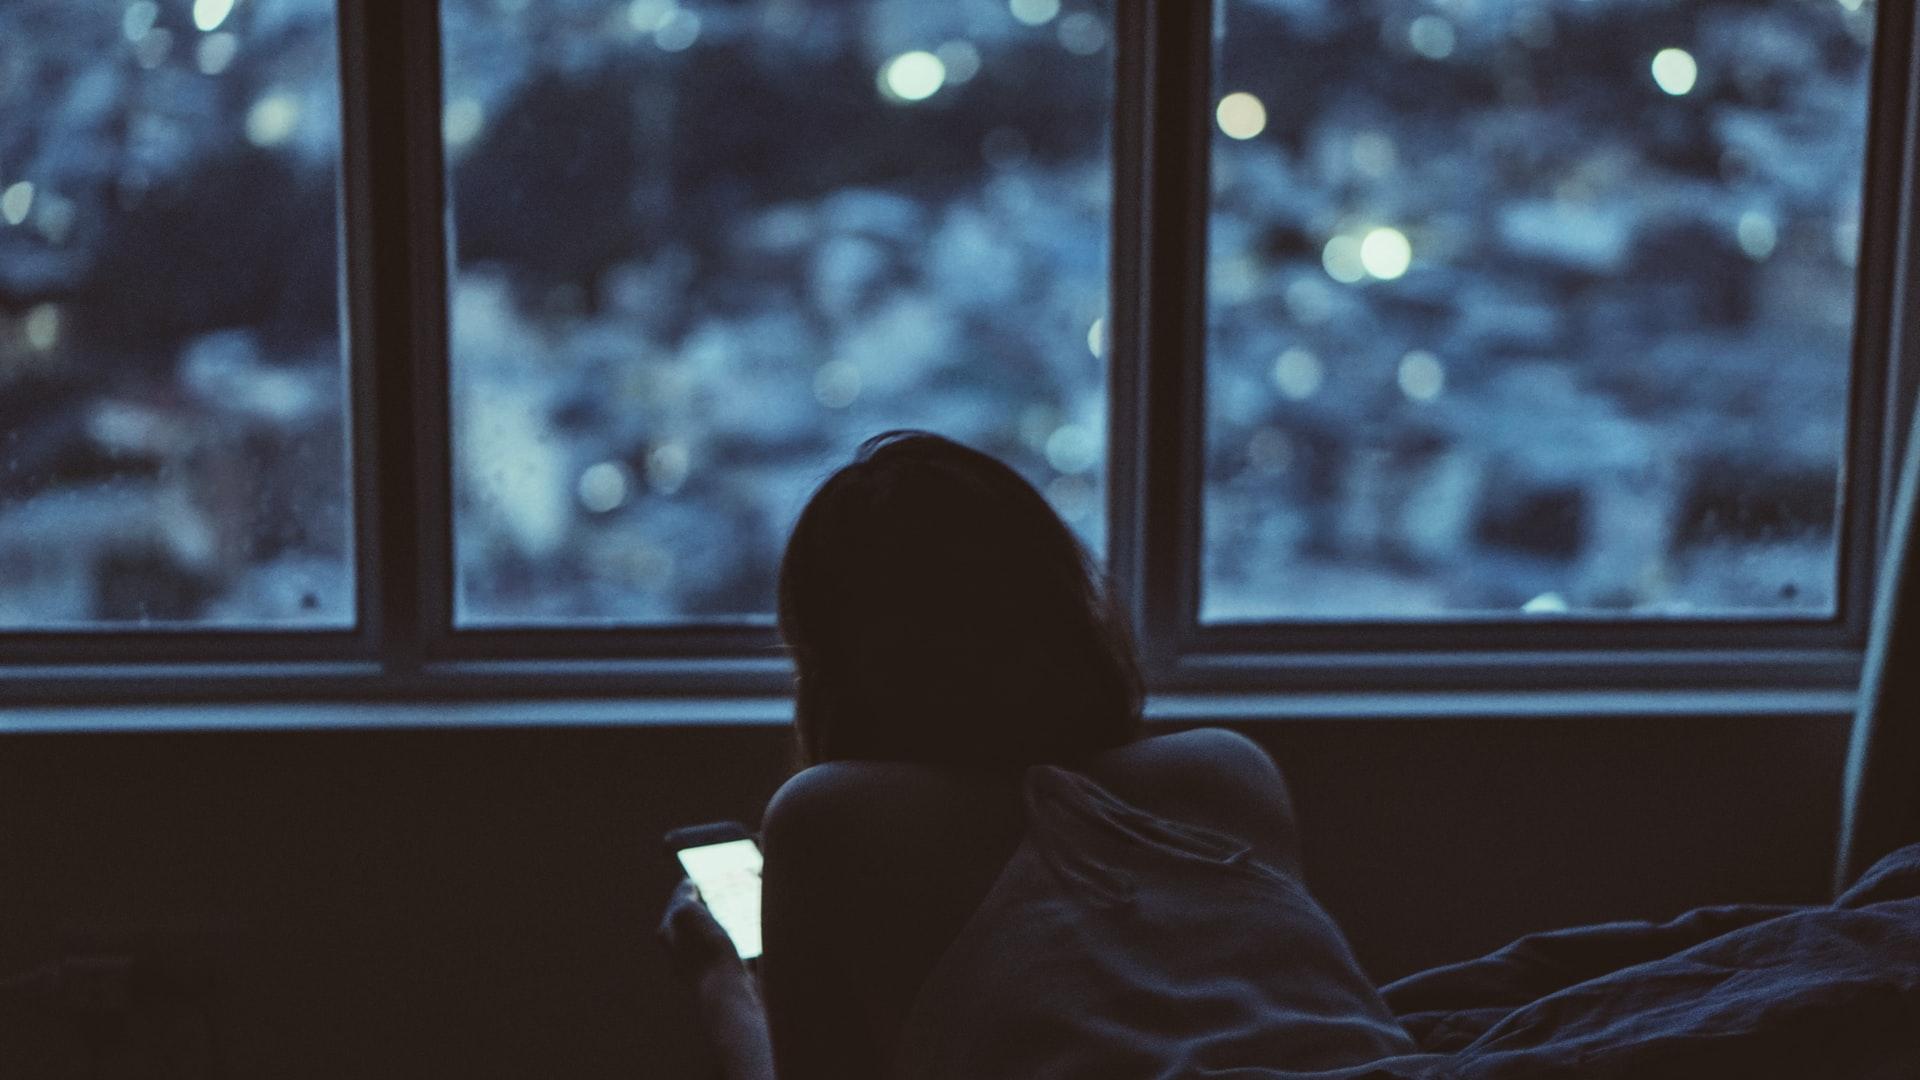 Schlaflose Nacht? Welche Auswirkungen sie hat und was du tun kannst!